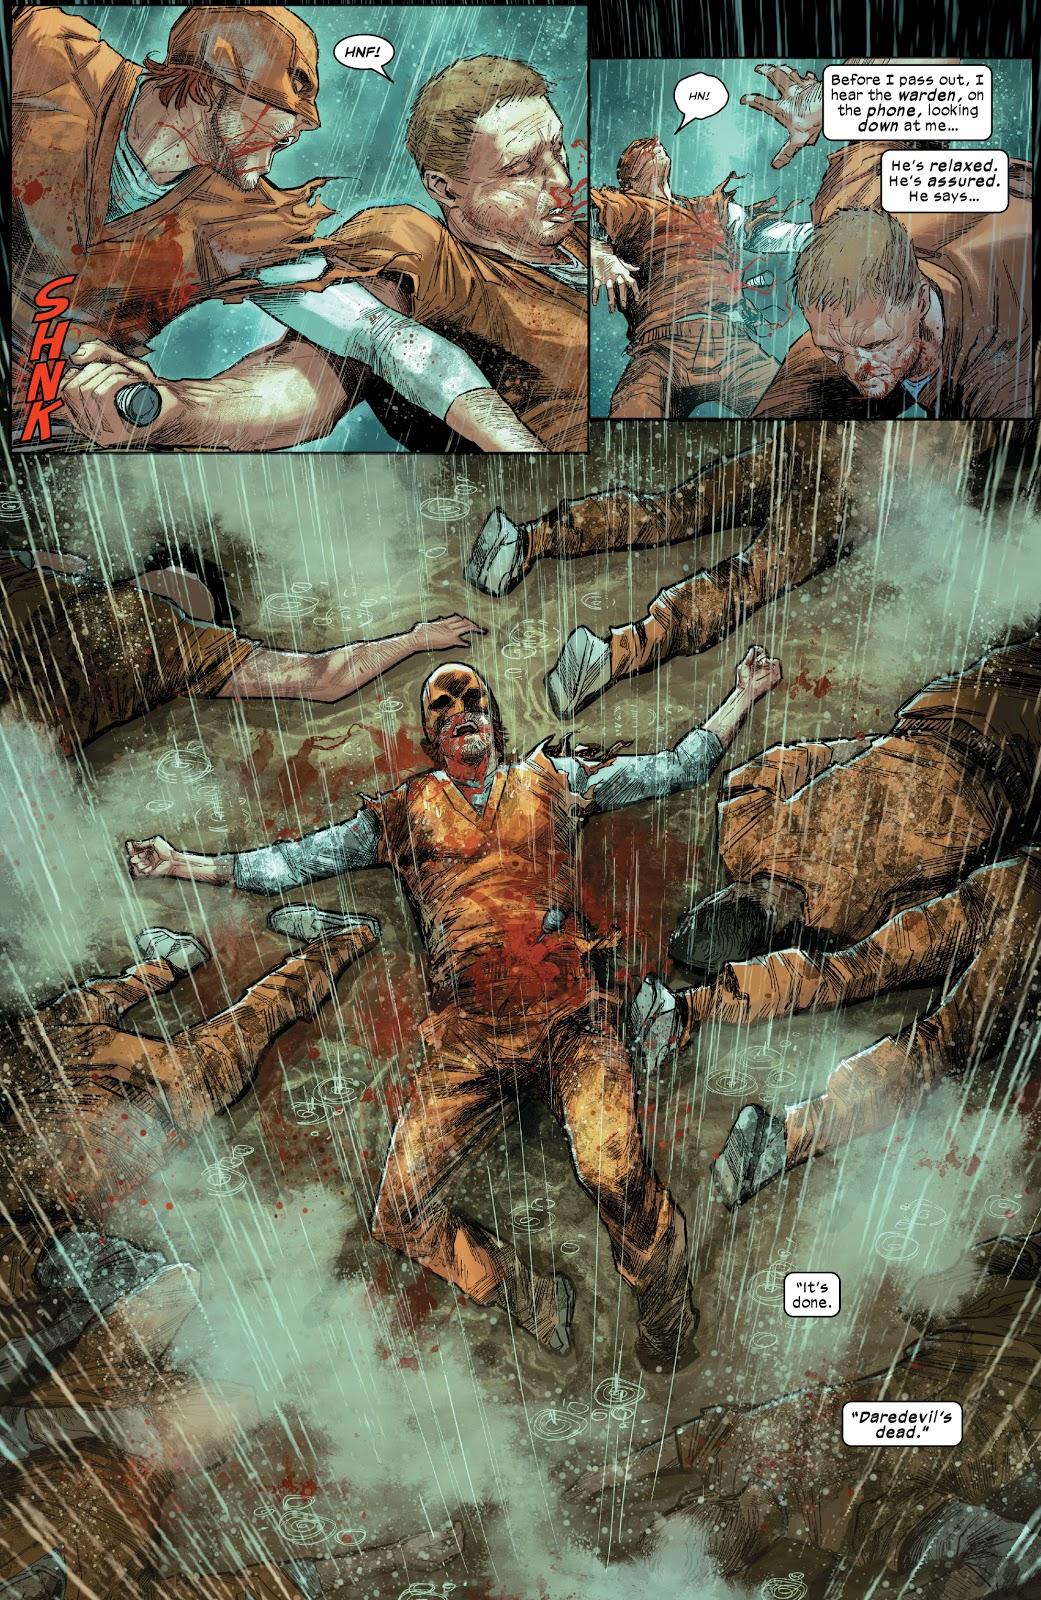 Poisoned Daredevil VS Prison Inmates